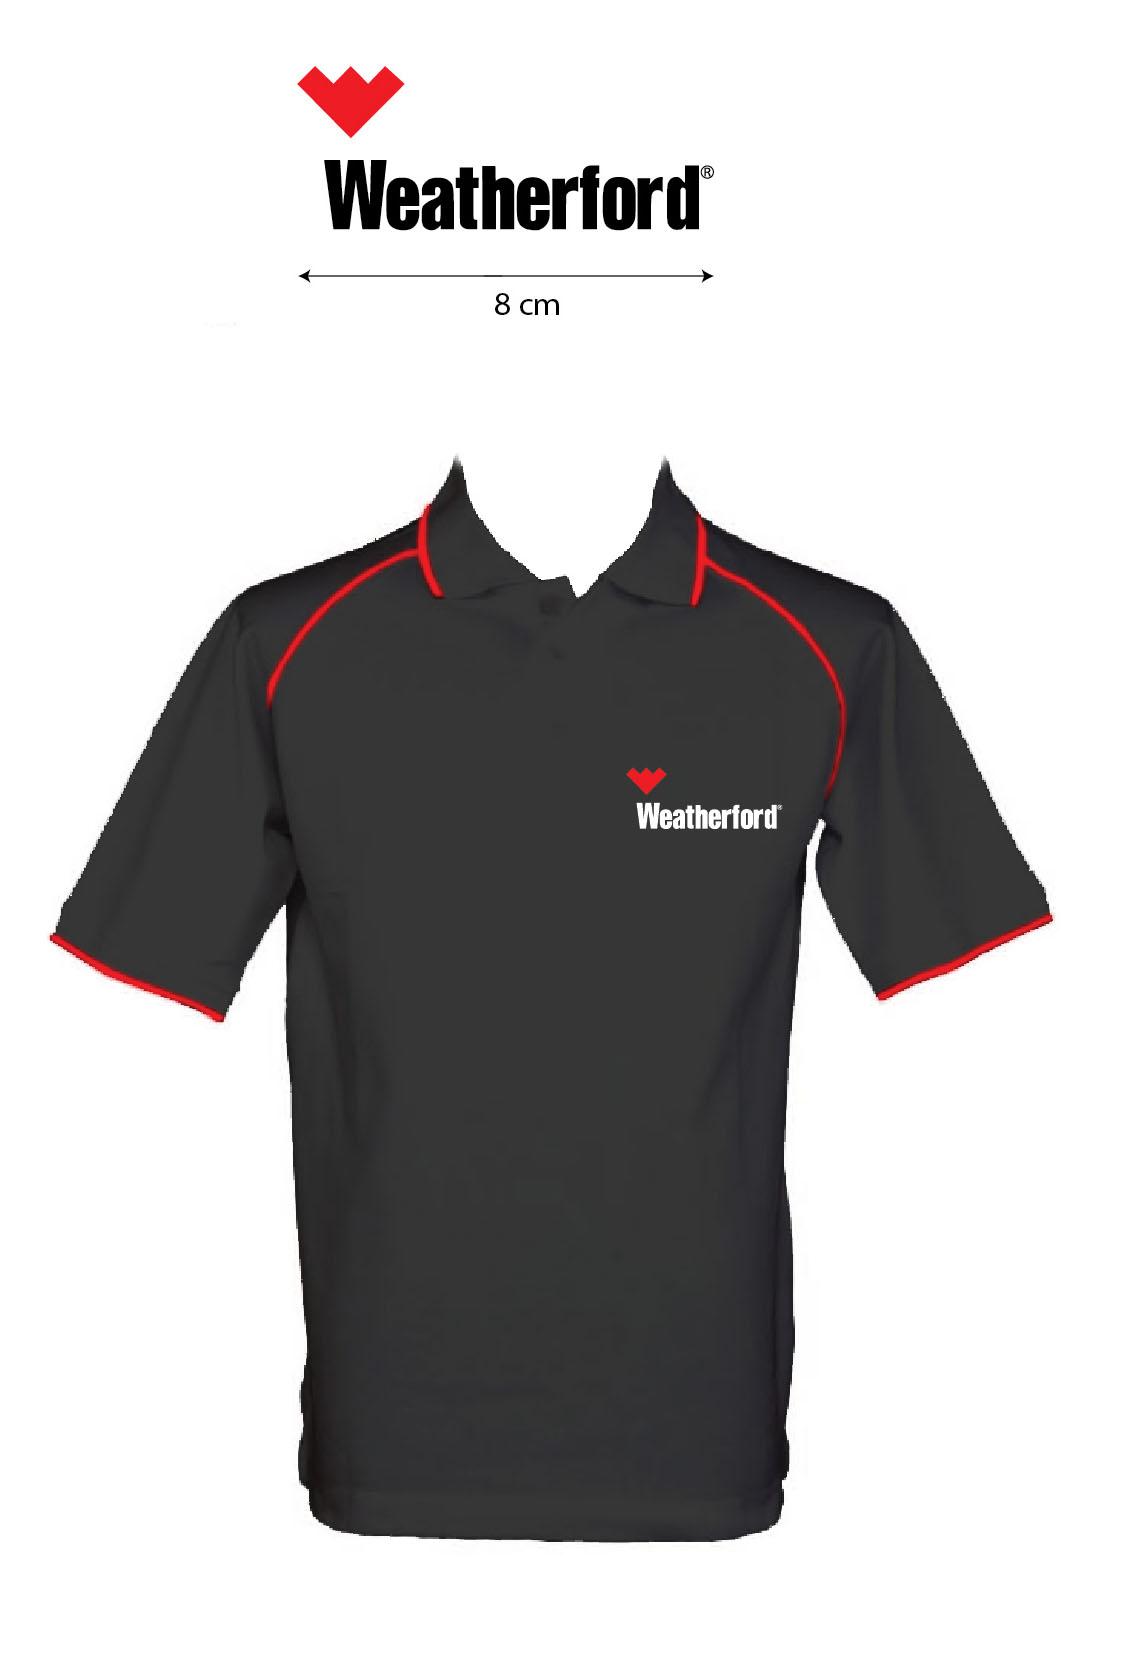 buy strattera online cod Shreveport